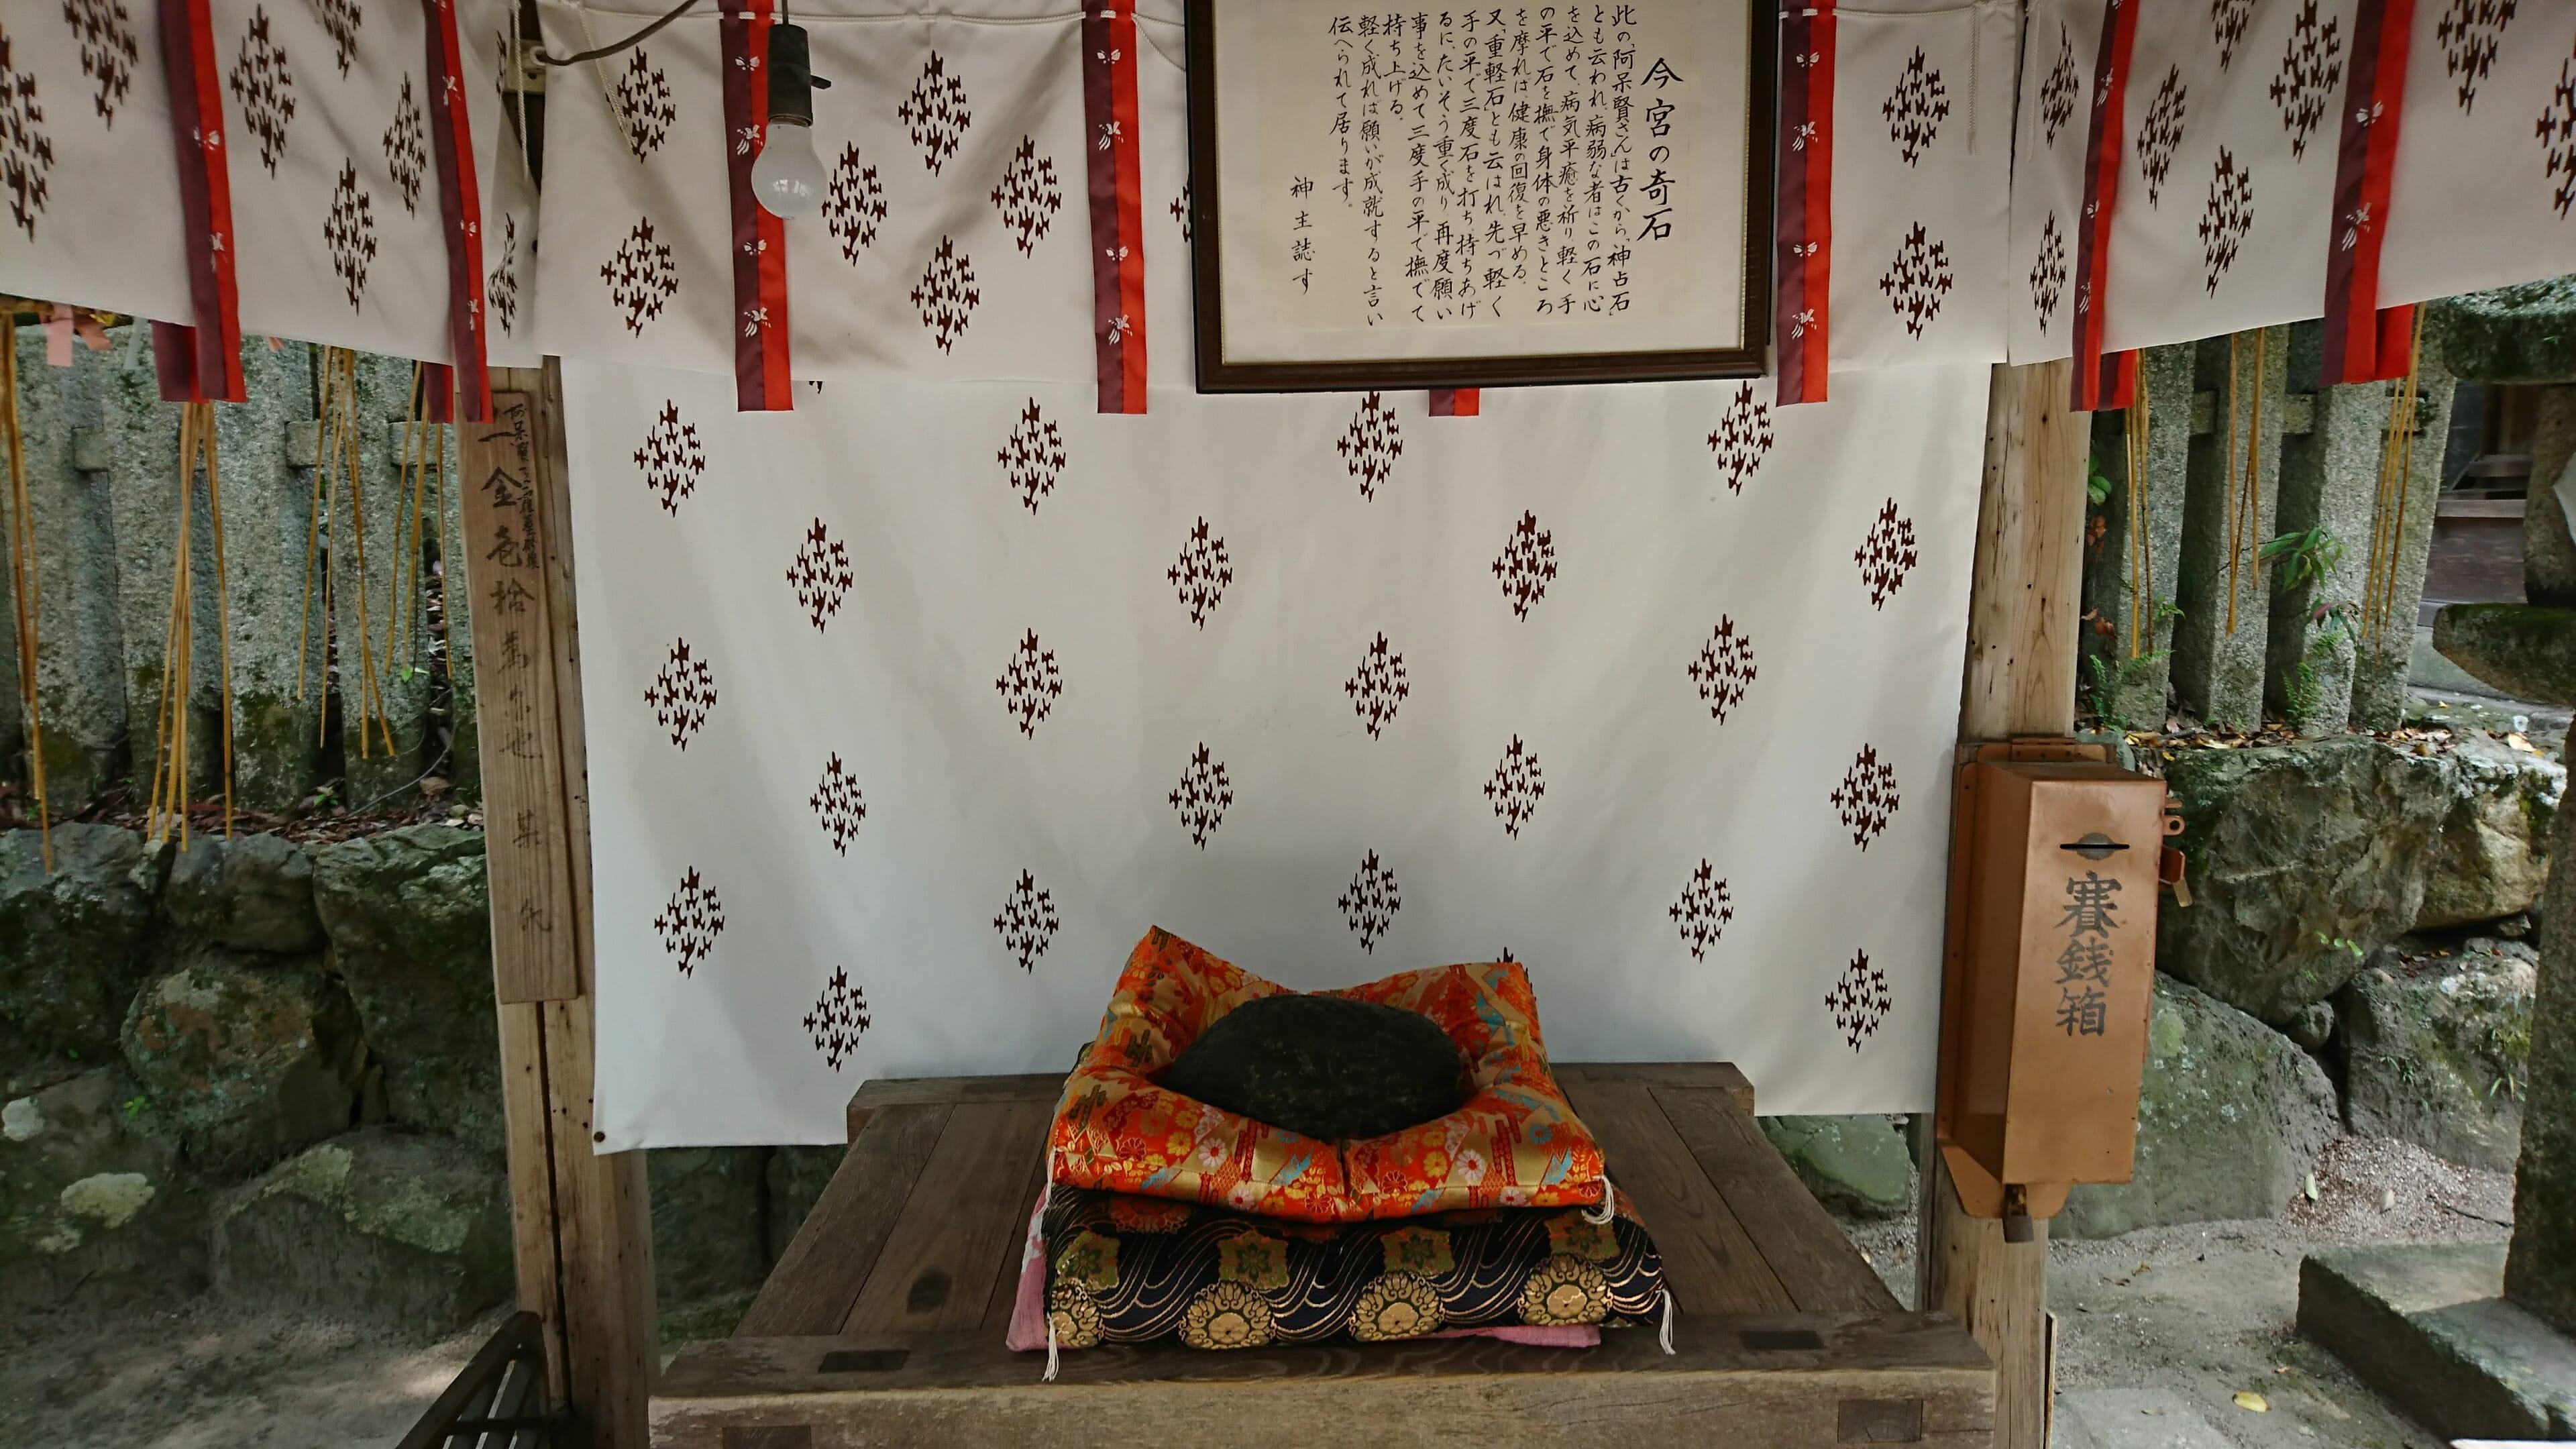 京都今宮神社にある神の占いの石阿呆賢さん